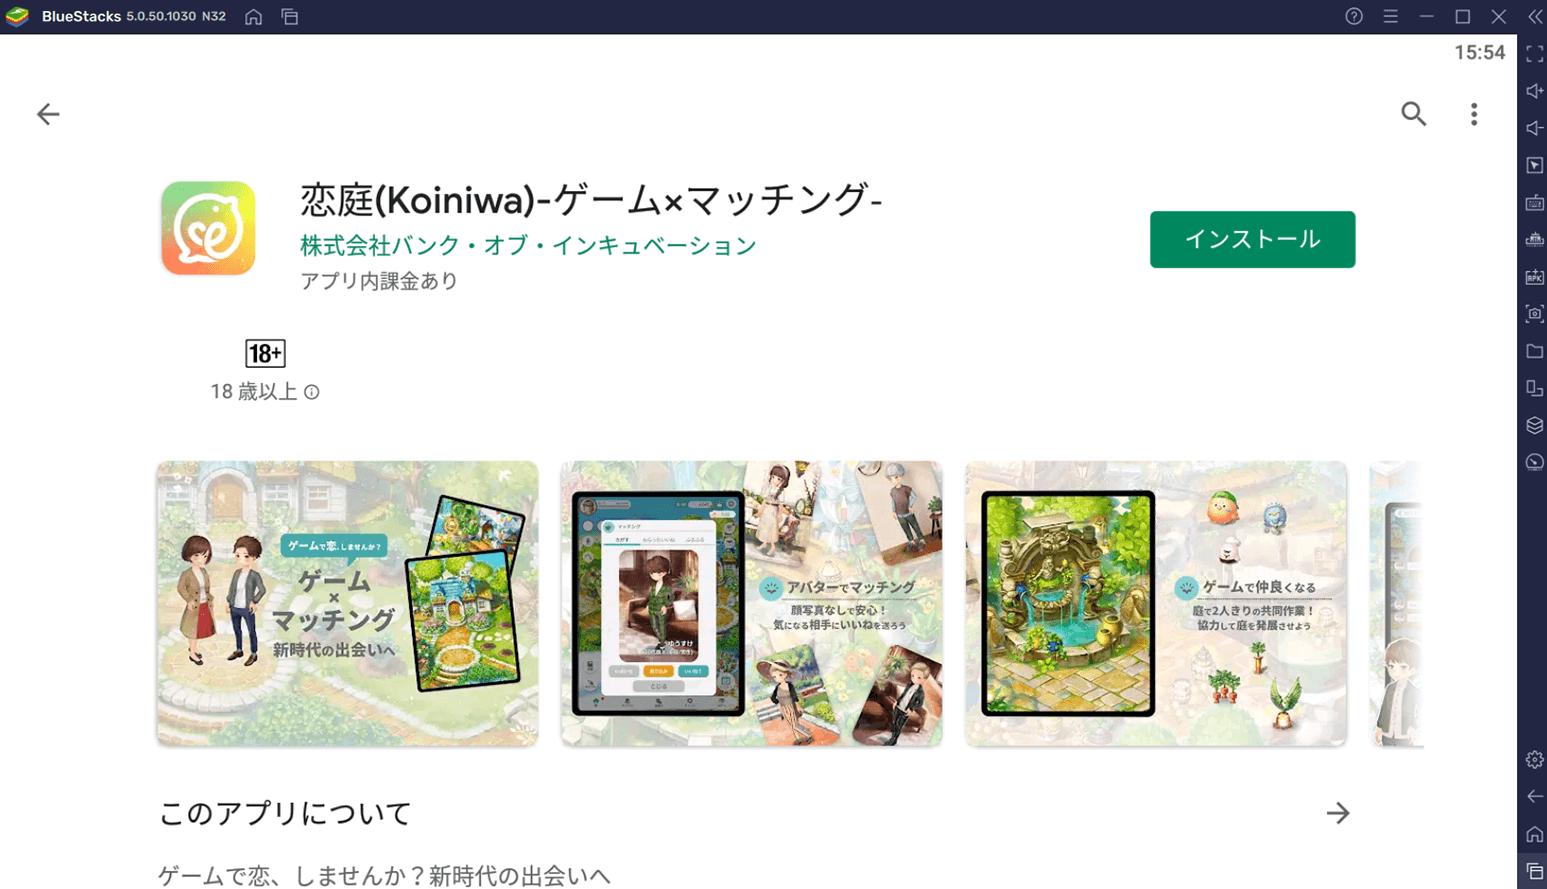 BlueStacksを使ってPCで『恋庭(Koiniwa)-ゲーム×マッチング-』を遊ぼう